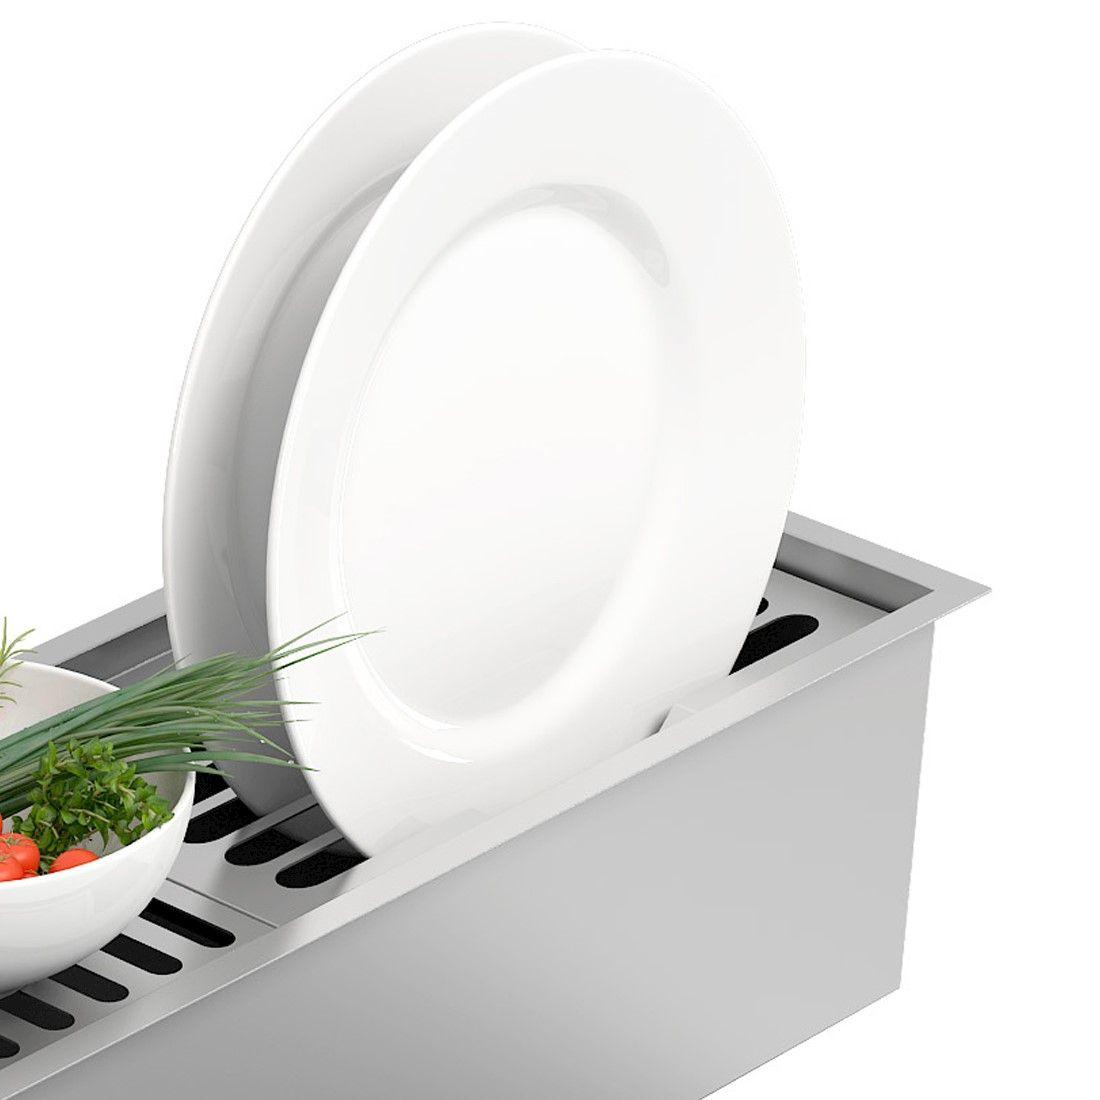 Escorredor de Pratos DeBacco Inox 30cm - 20.04.00118  - Sua Casa Gourmet e Cia